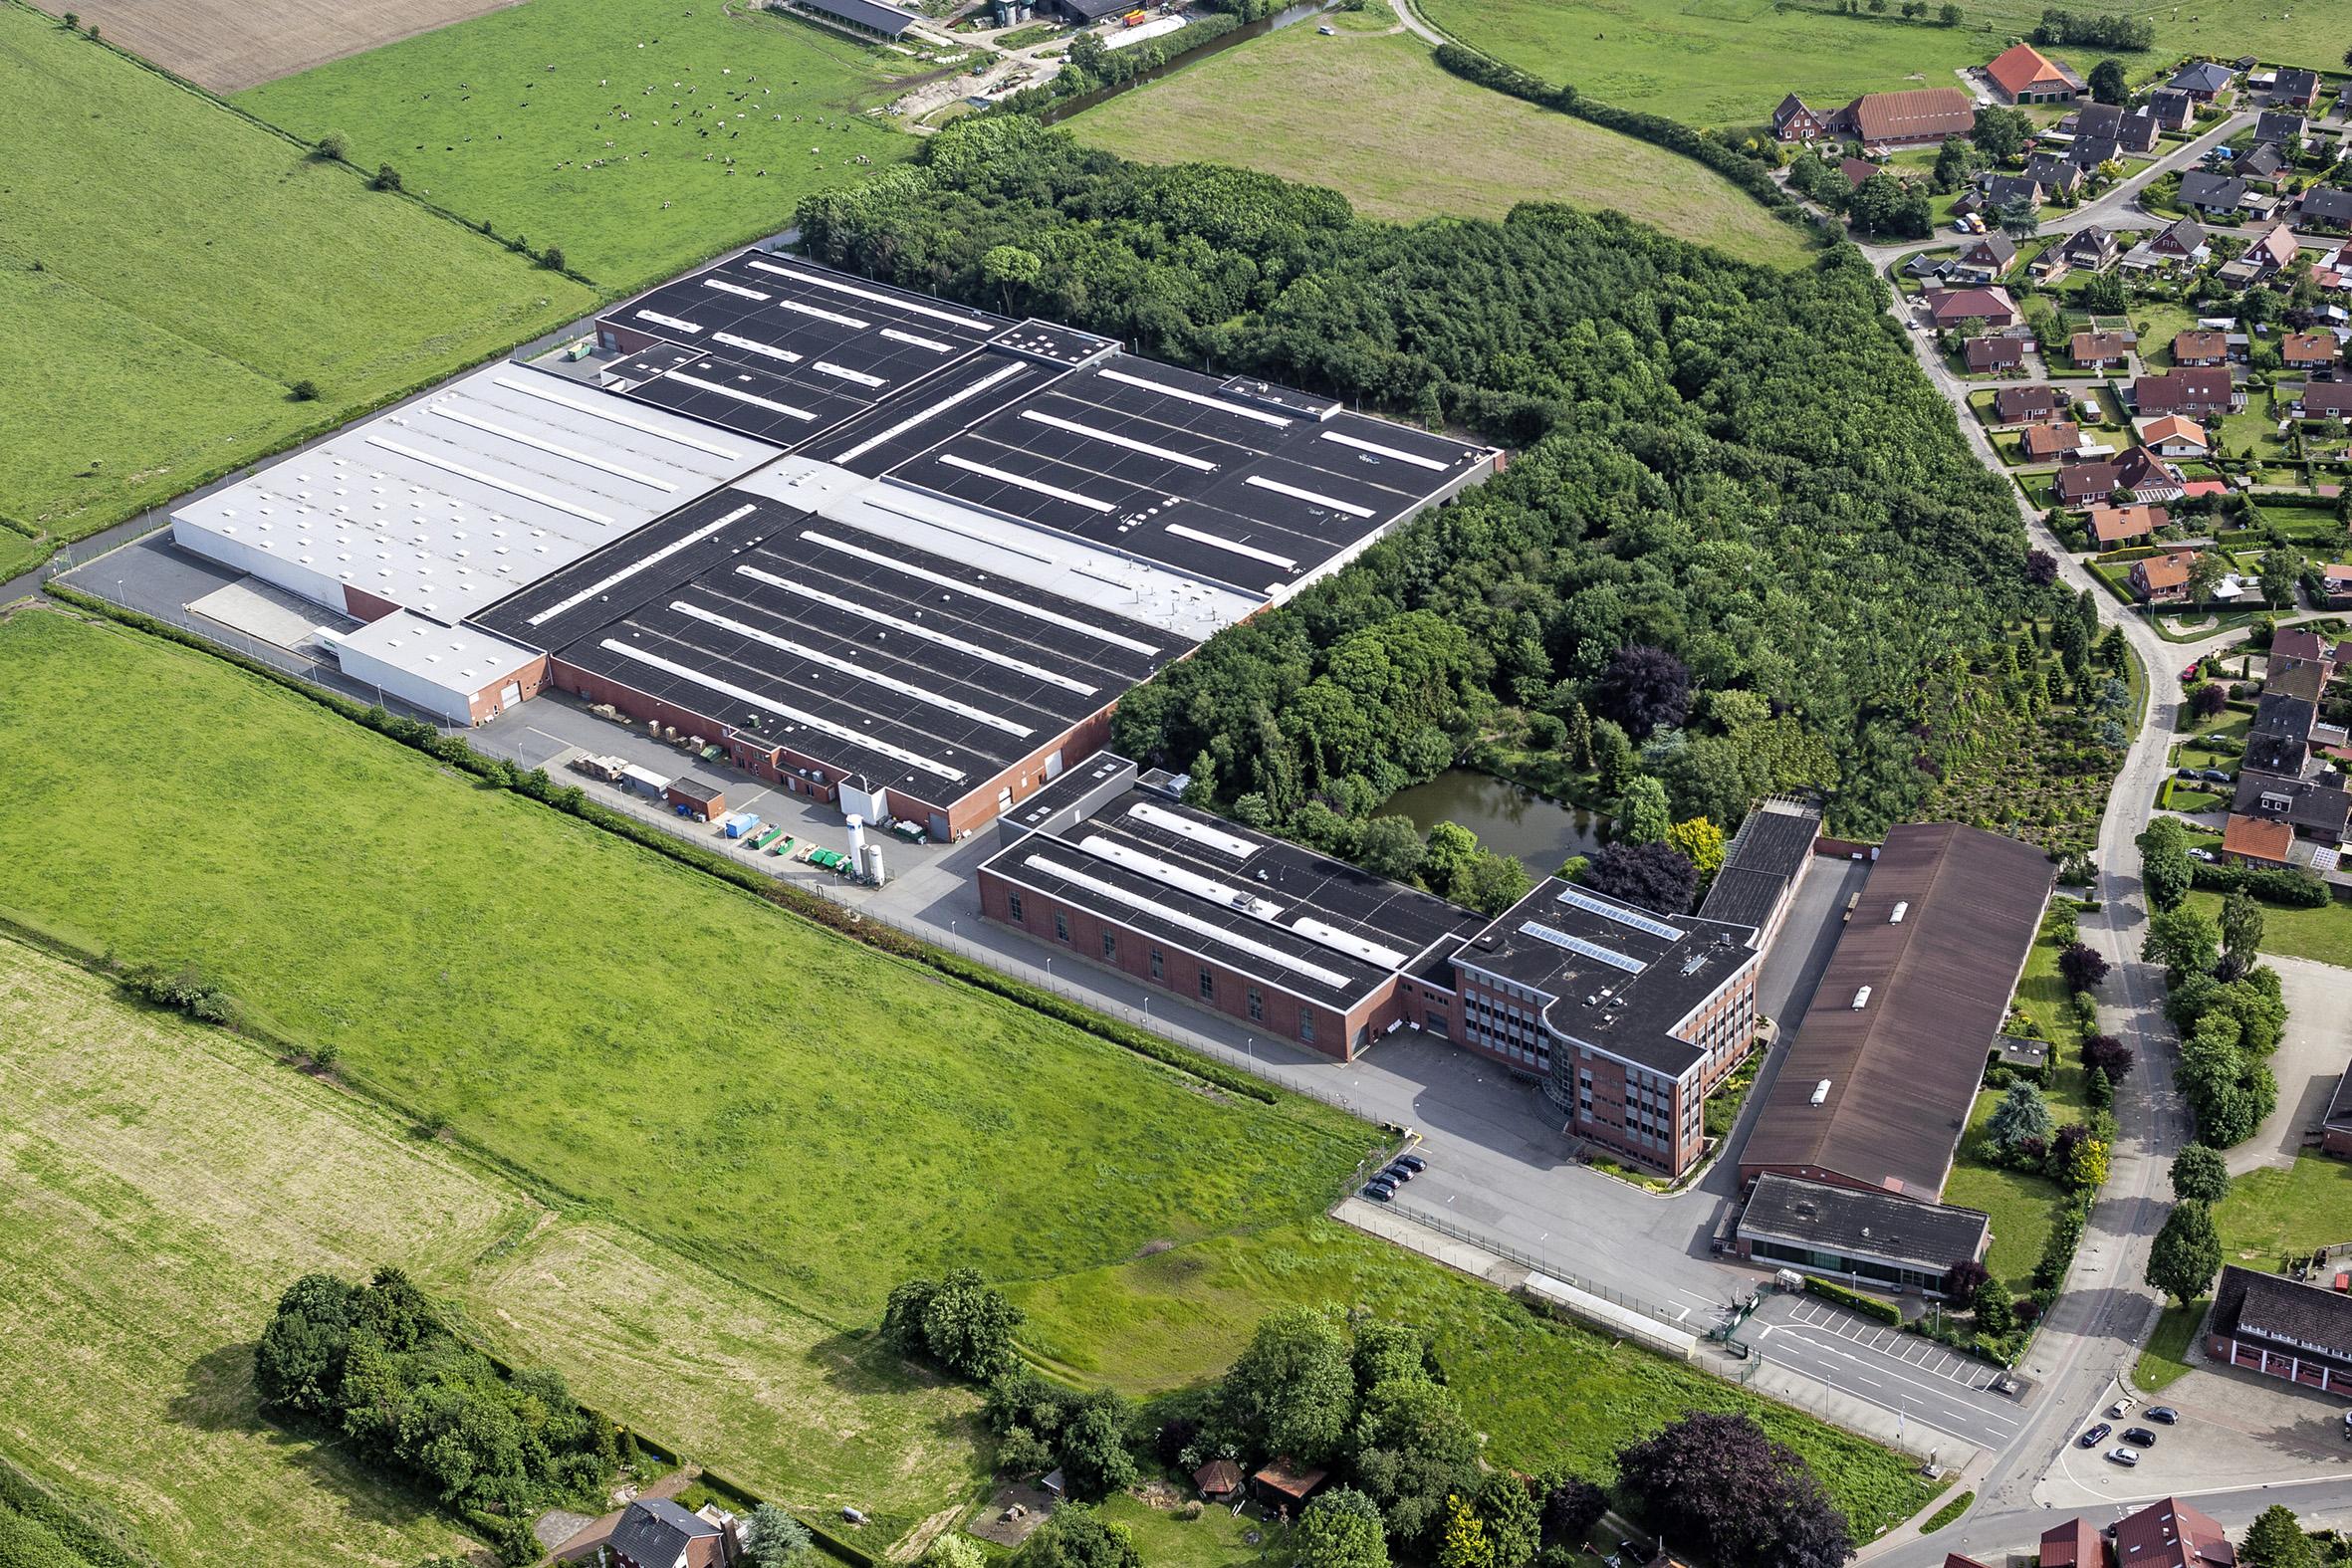 Luftaufnahme 2014 20x14 (Kopie).jpg – Wildeboer Bauteile GmbH